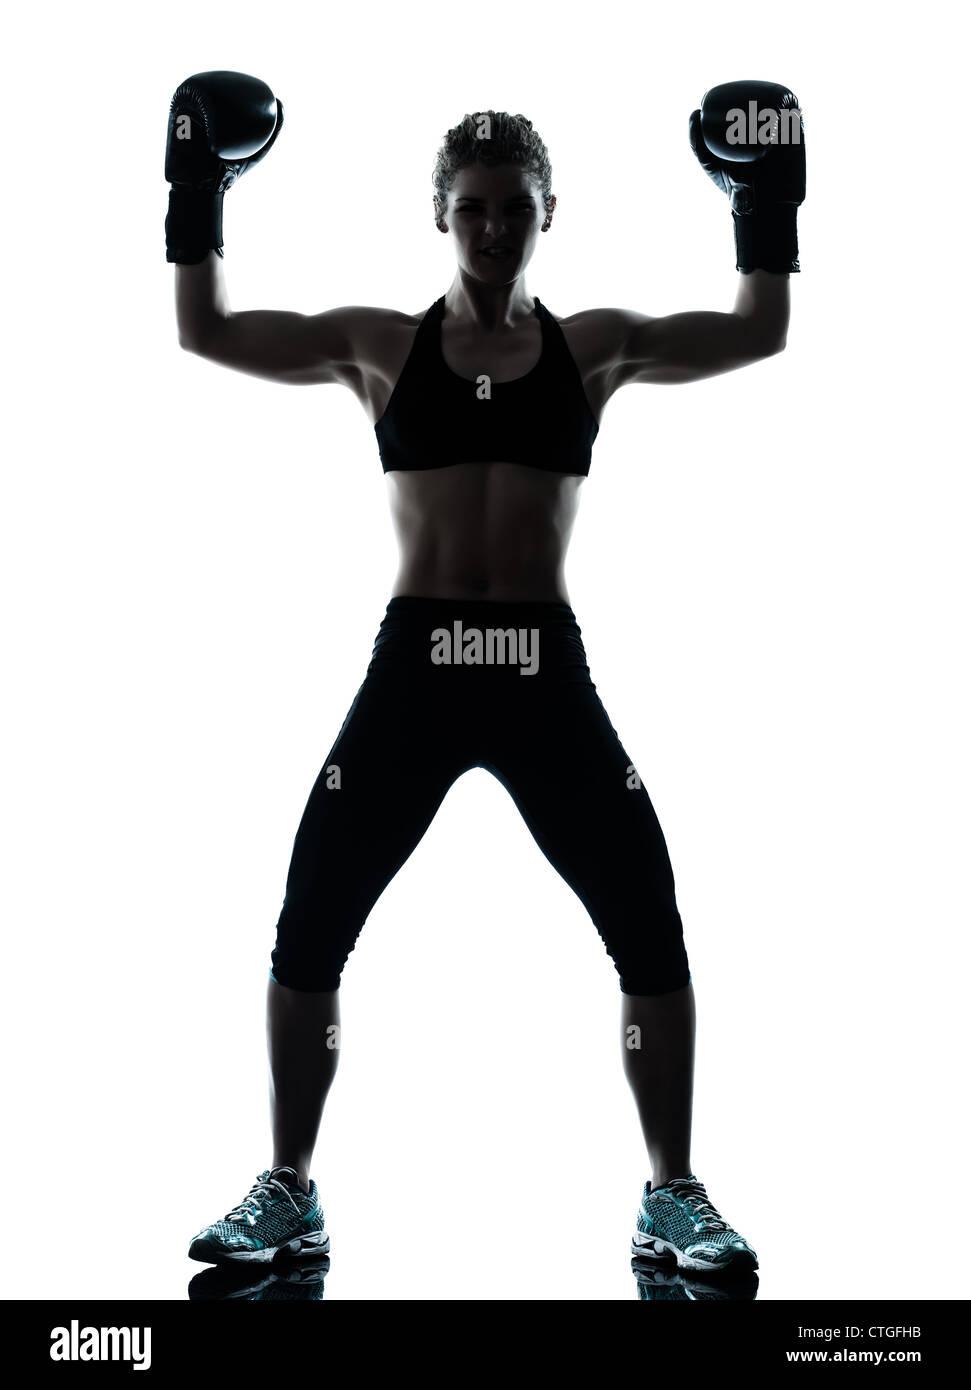 Un caucasian woman l'exercice de boxe entraînement de fitness silhouette en posture studio isolé sur fond blanc Banque D'Images